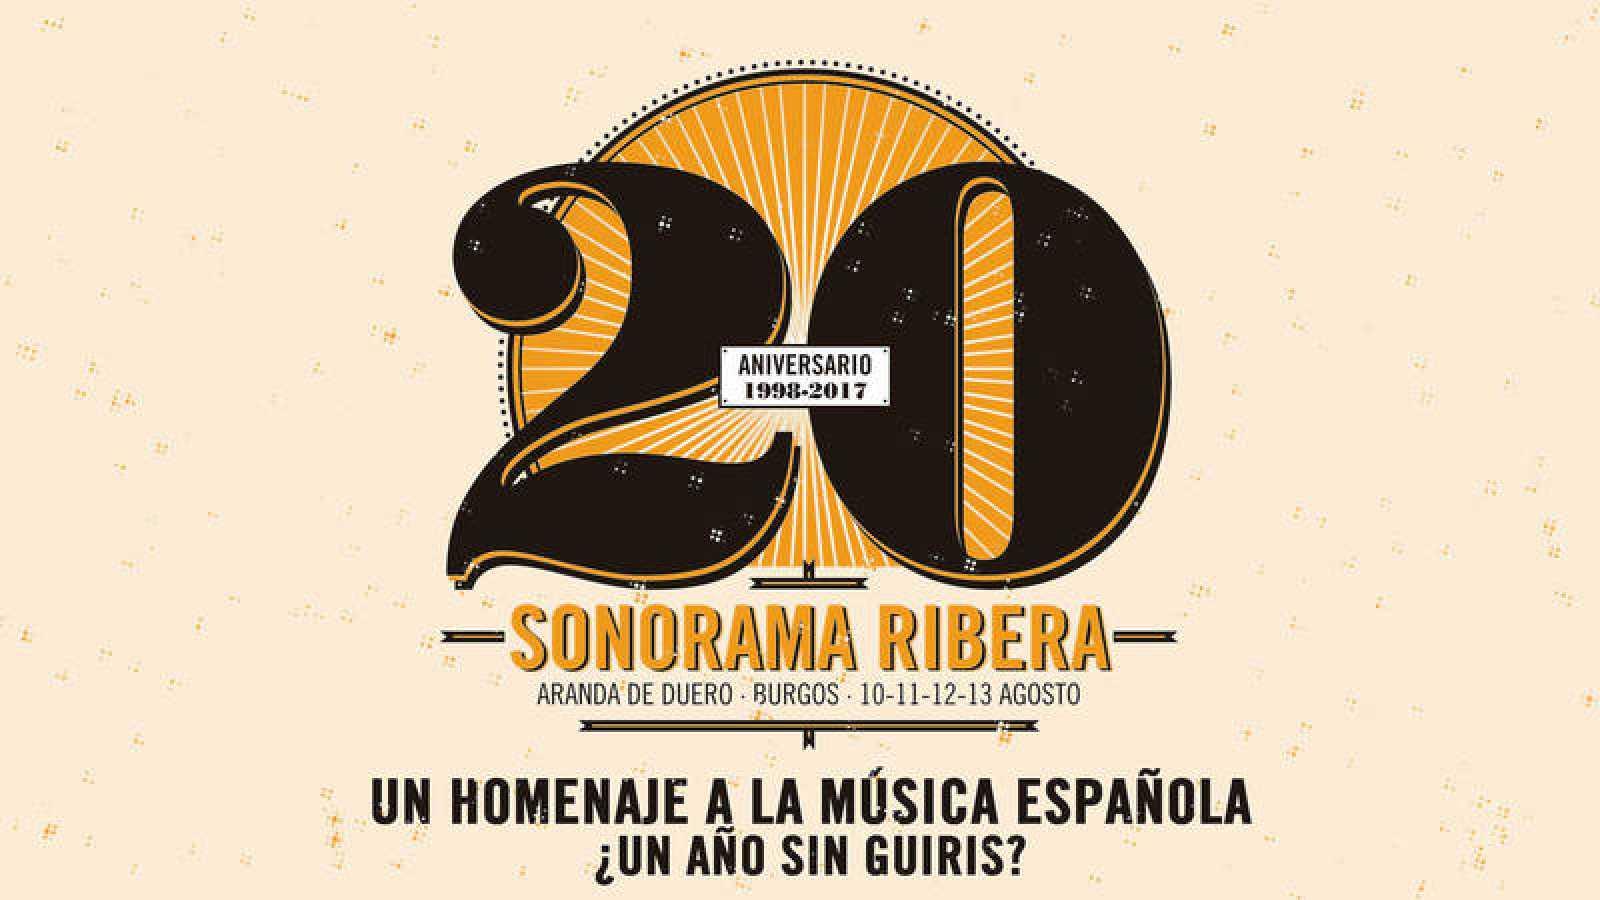 Sonorama será en su 20 aniversario un homenaje a la música española